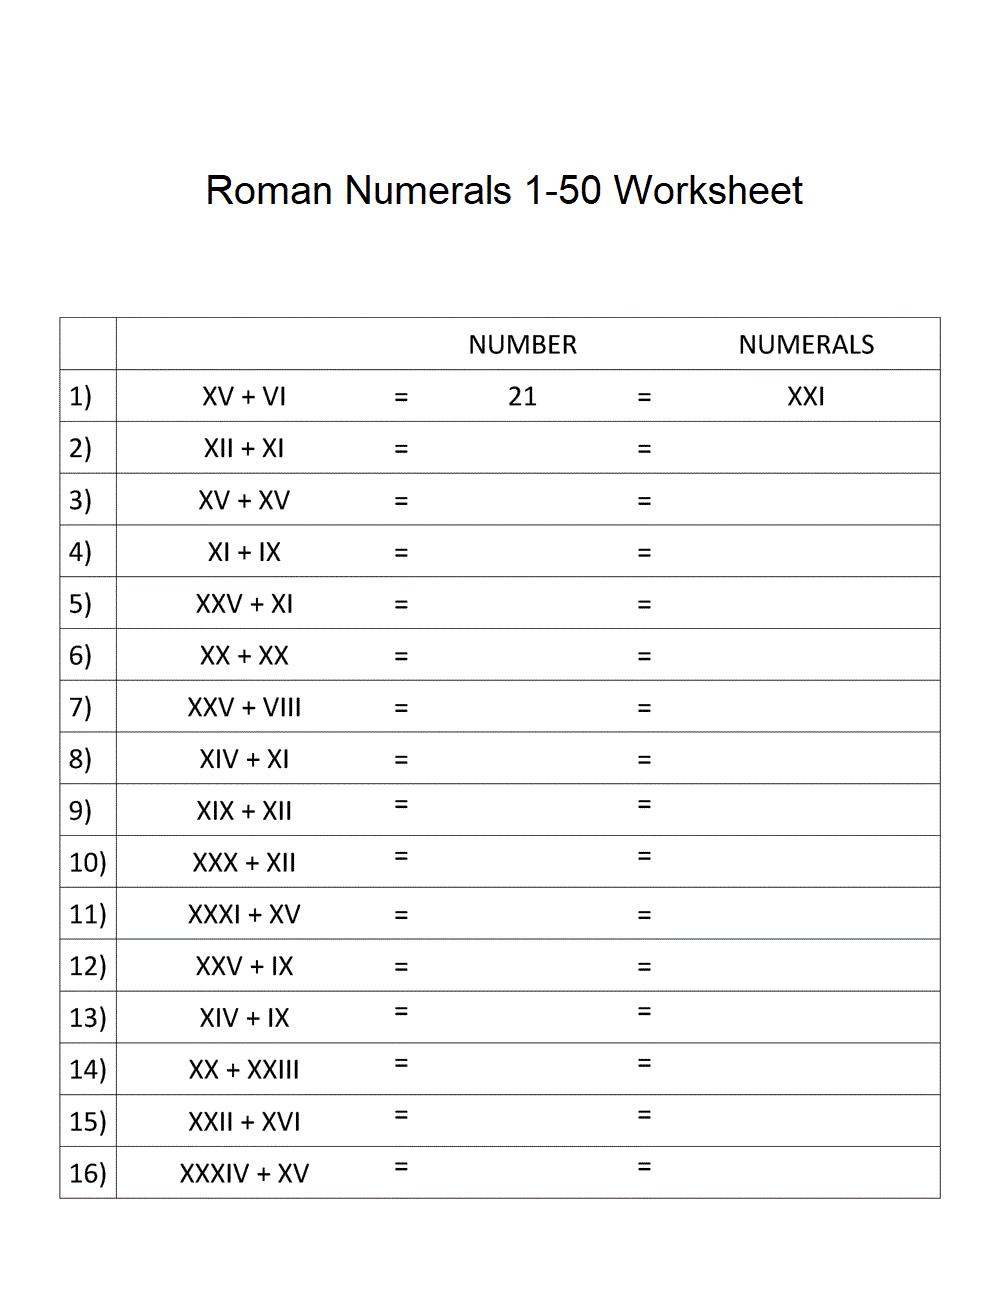 Roman Numerals 1-50 Worksheet